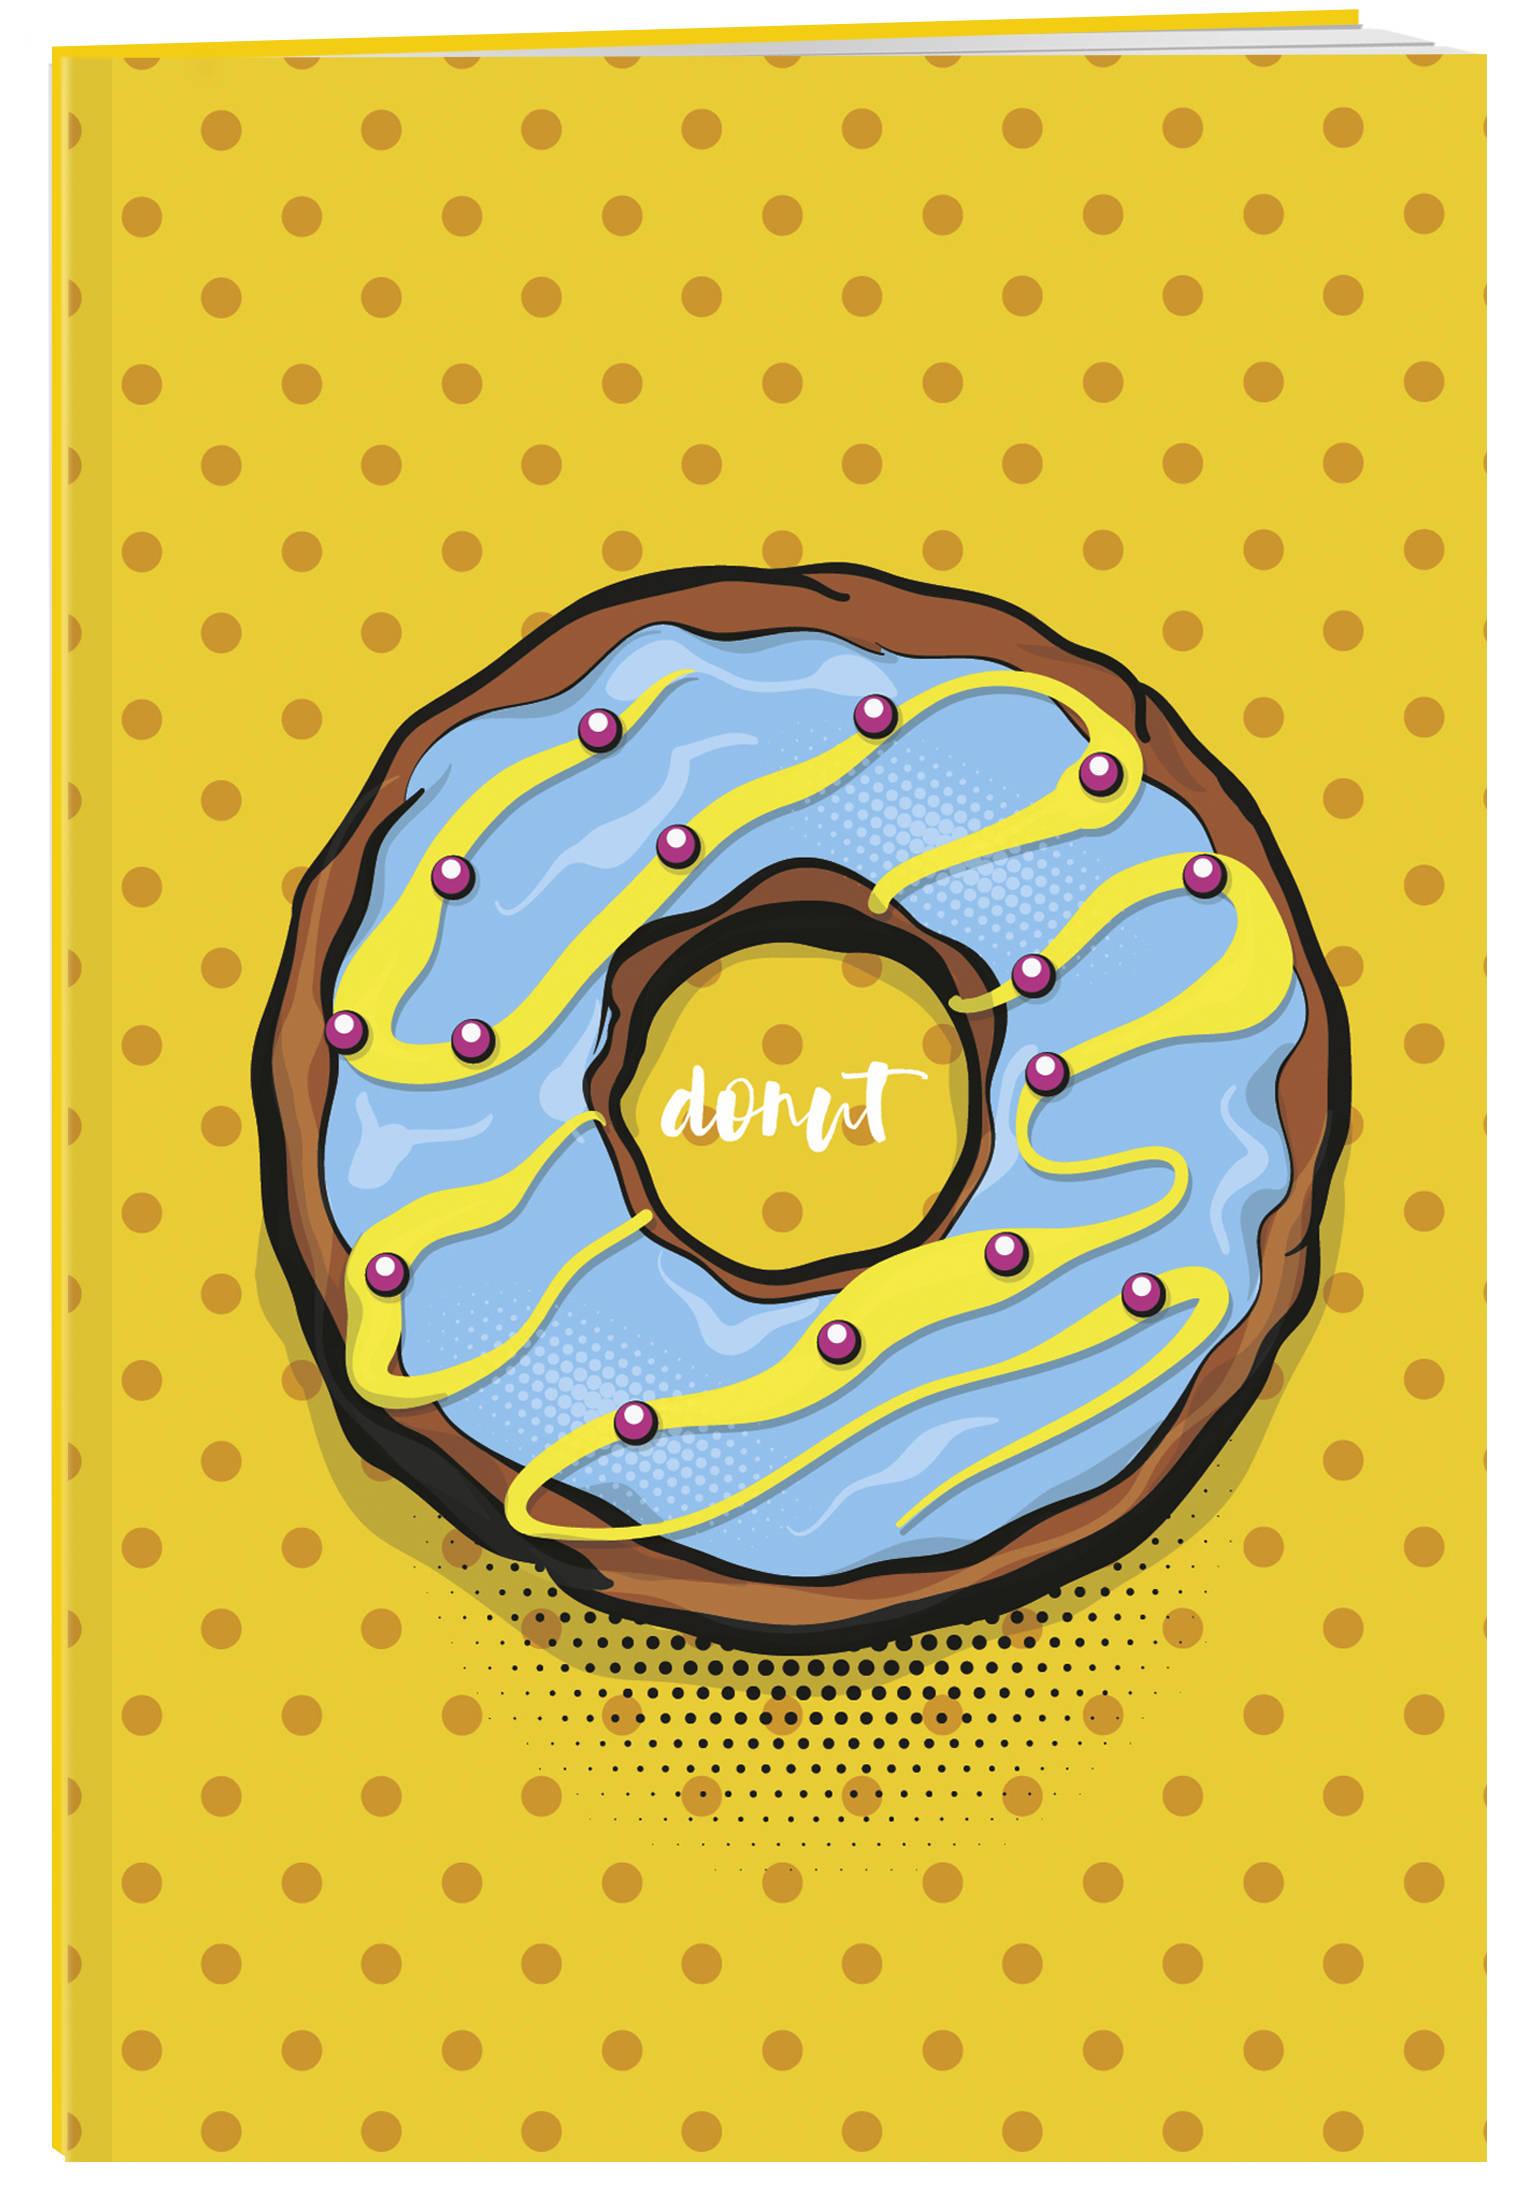 Пончик. Тетрадь (А5, 48 л., УФ-лак, накидки)